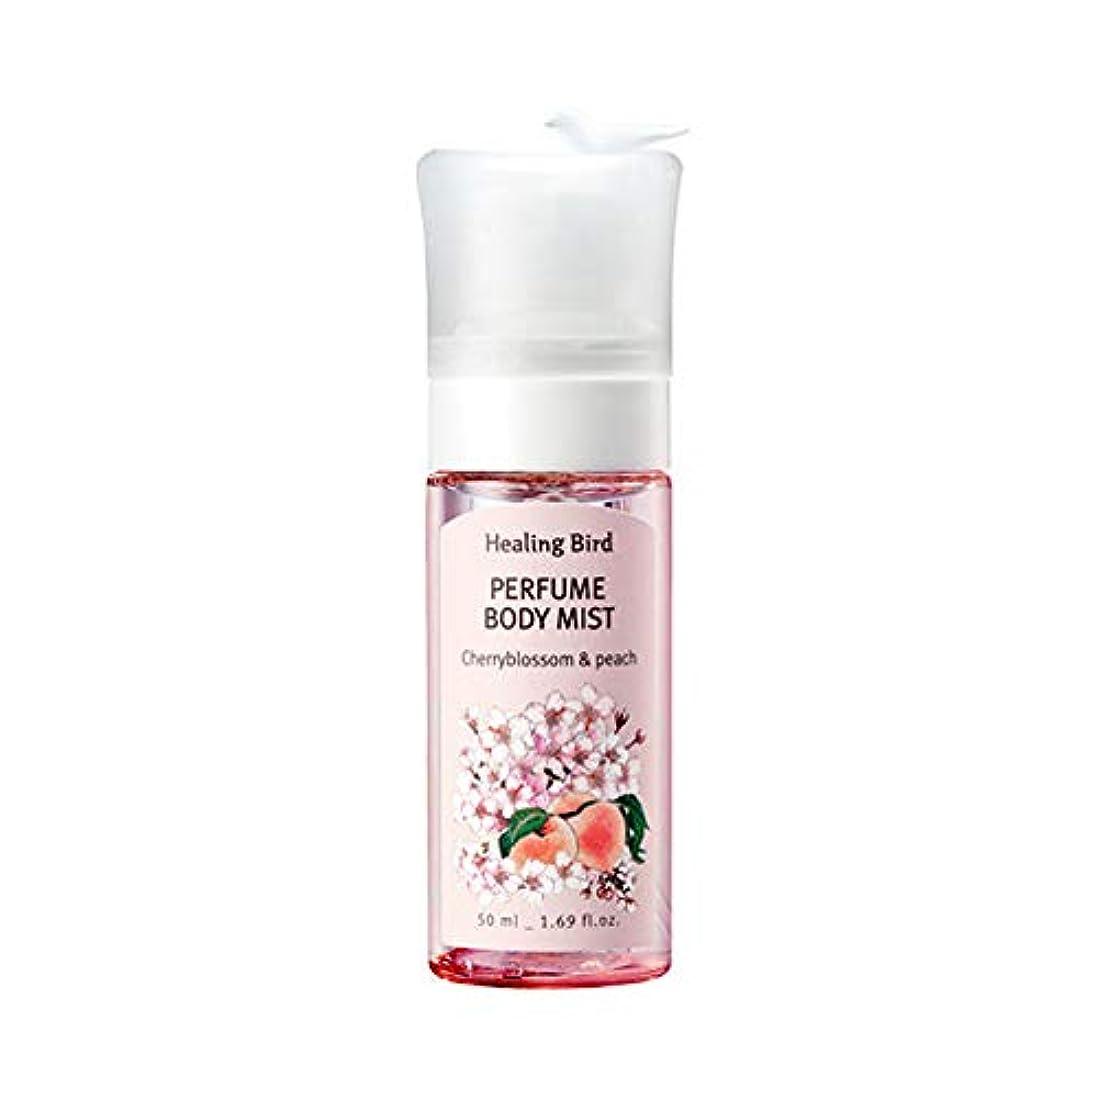 キルス巻き取りタオルHealing Bird Perfume Body Mist 50ml パヒュームボディミスト (Cherry Blossom & Peach) [並行輸入品]